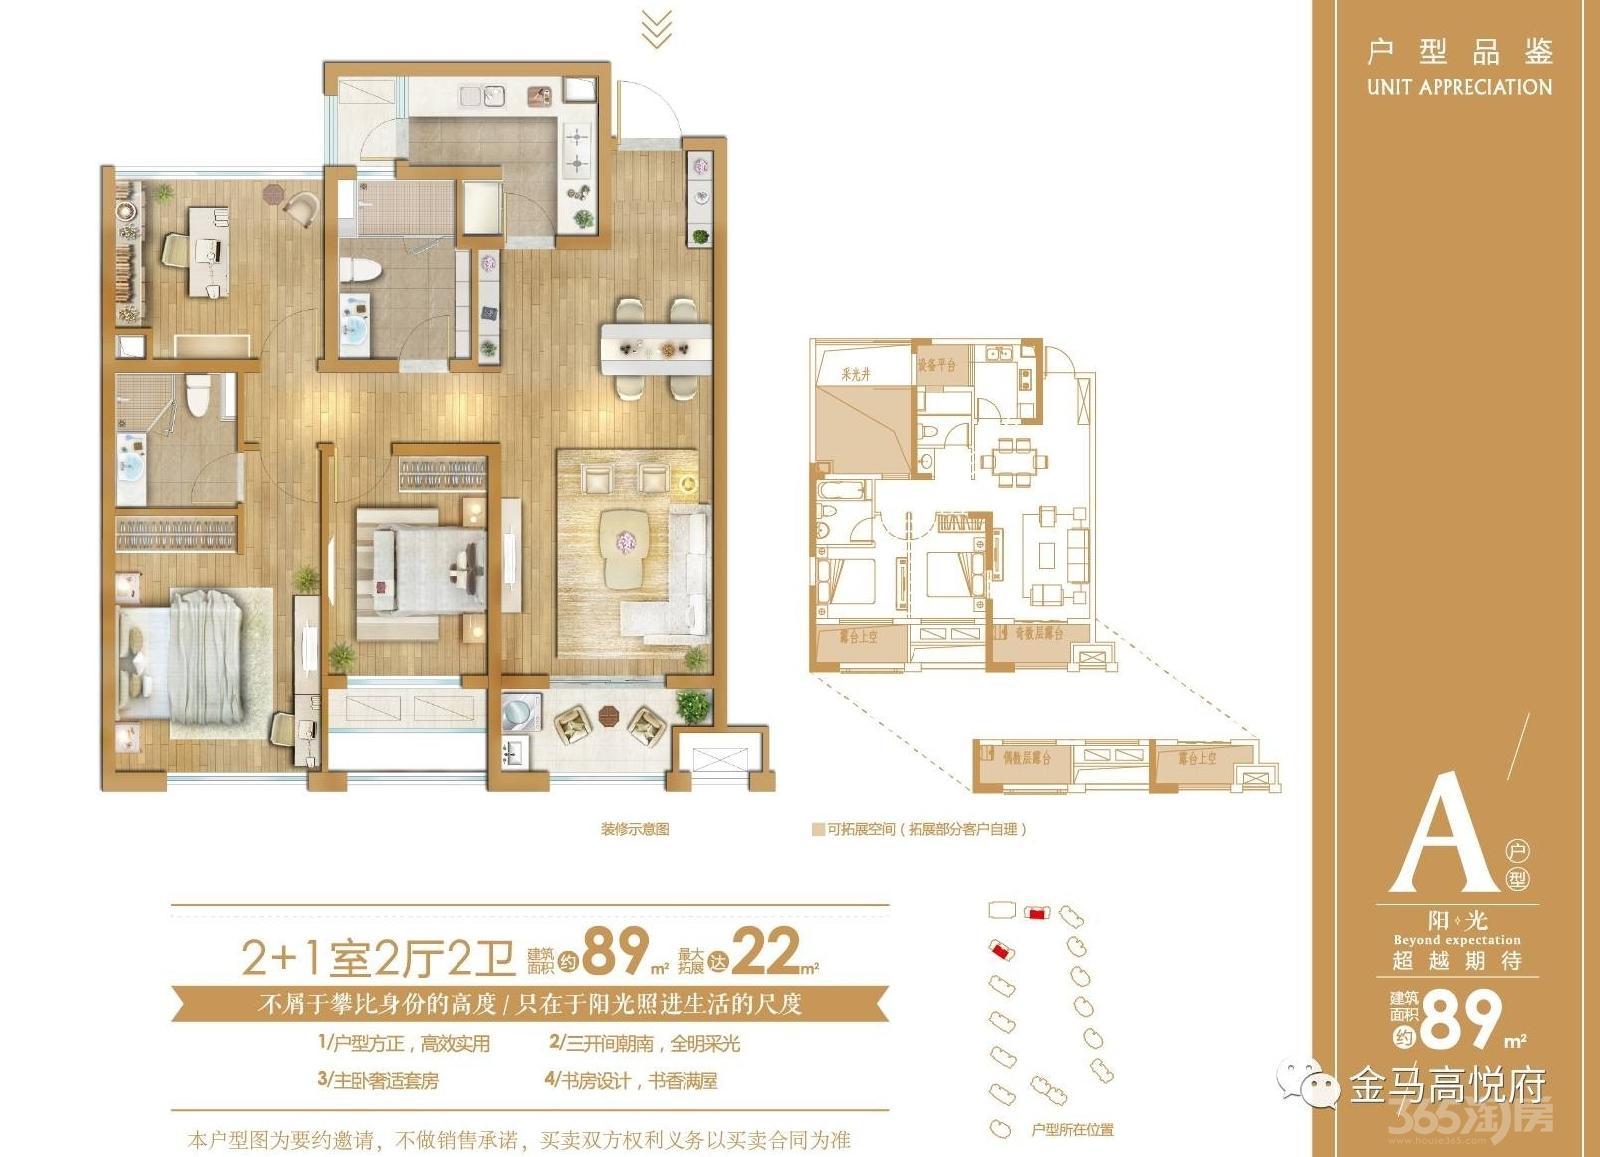 金马高悦府3室2厅2卫89平米期房可拓面积22方毛坯